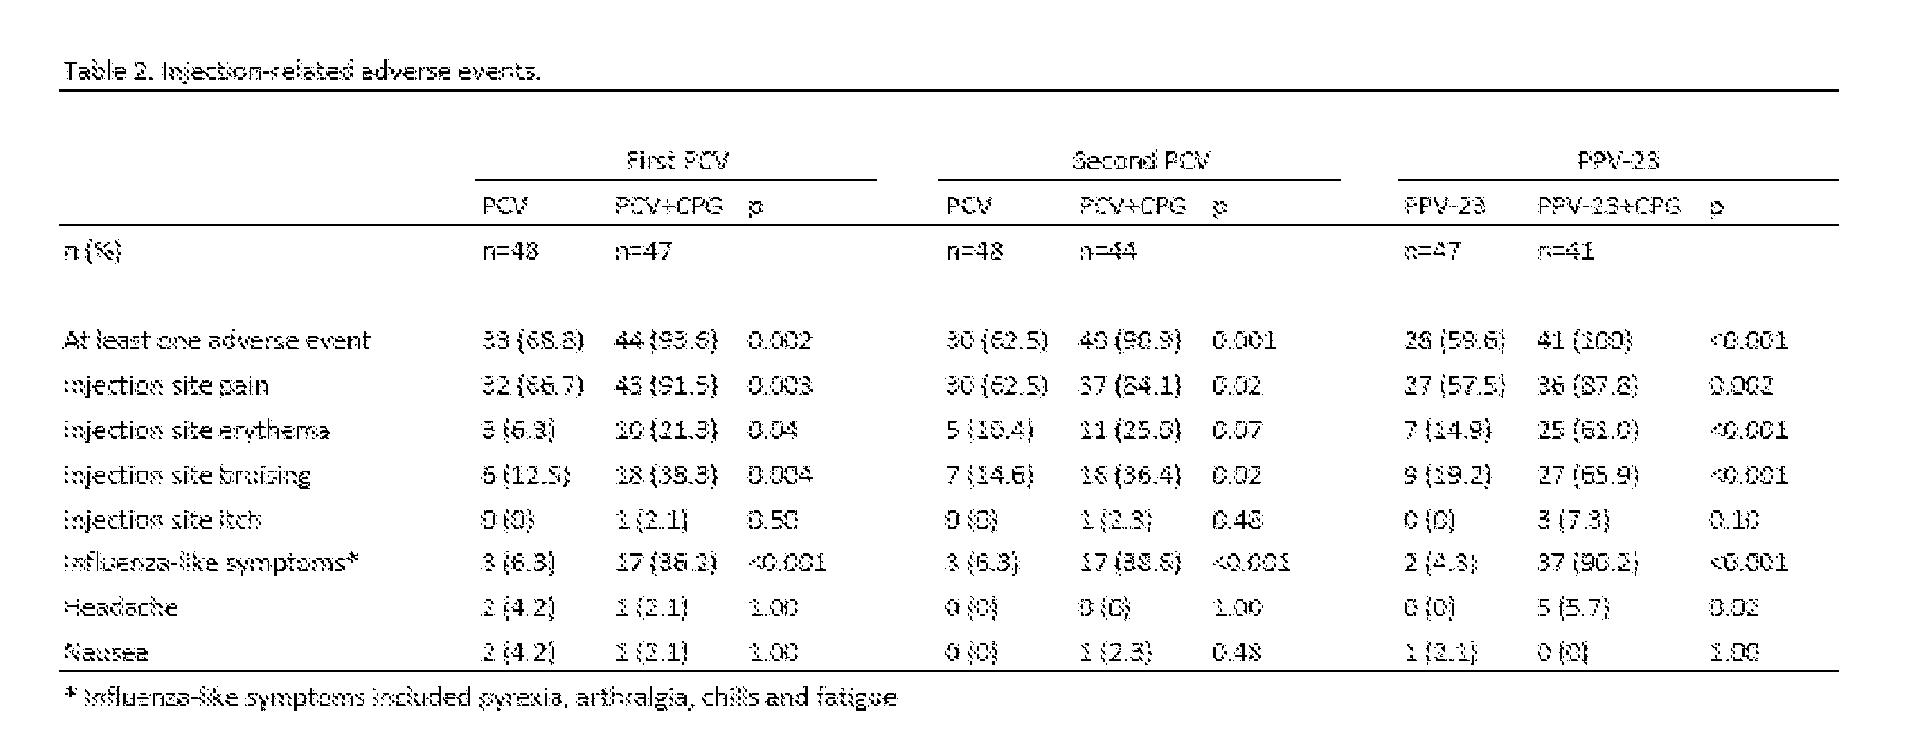 特許 Wo2010125480a1 Pneumococcal Vaccine And Uses Thereof